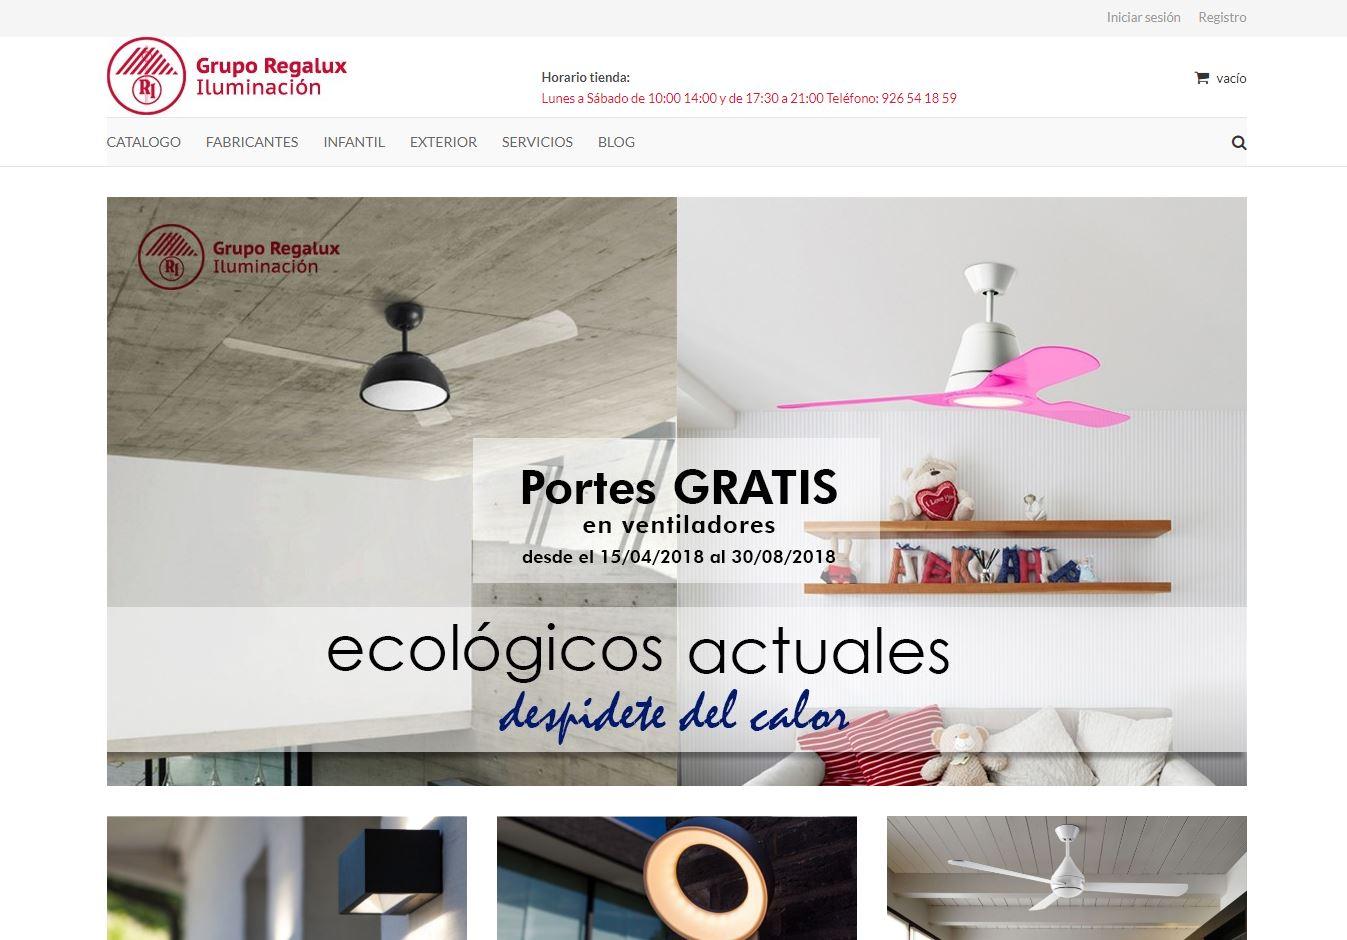 tienda online regalux iluminación